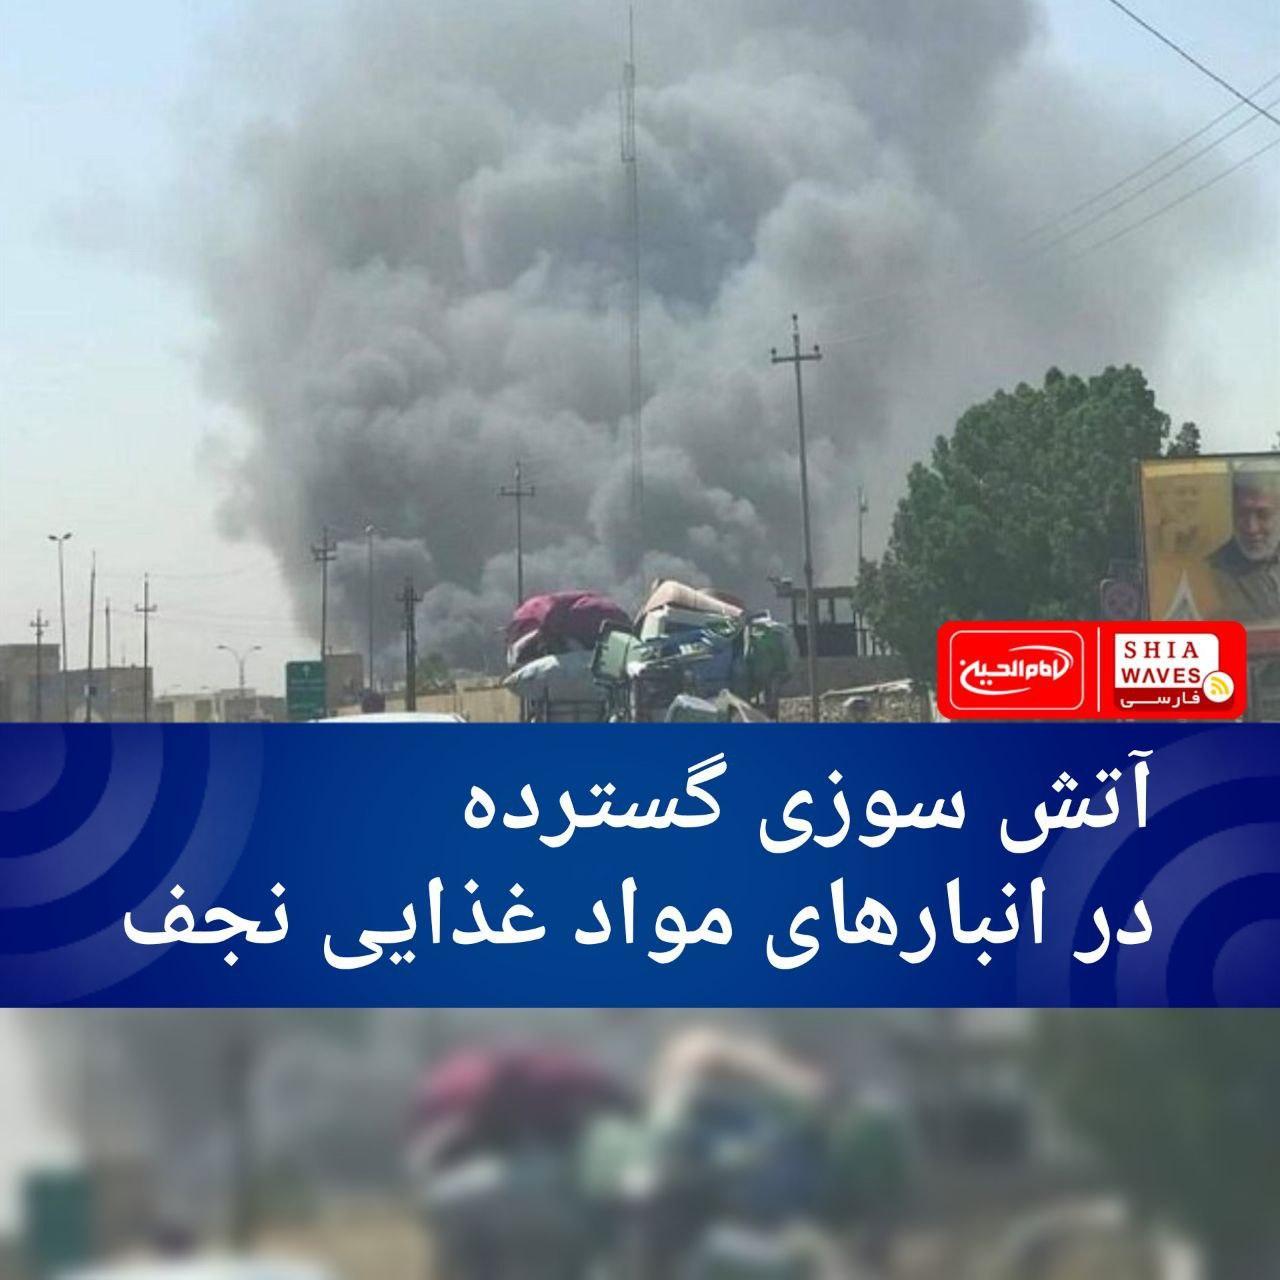 تصویر آتش سوزی گسترده در انبارهای مواد غذایی نجف